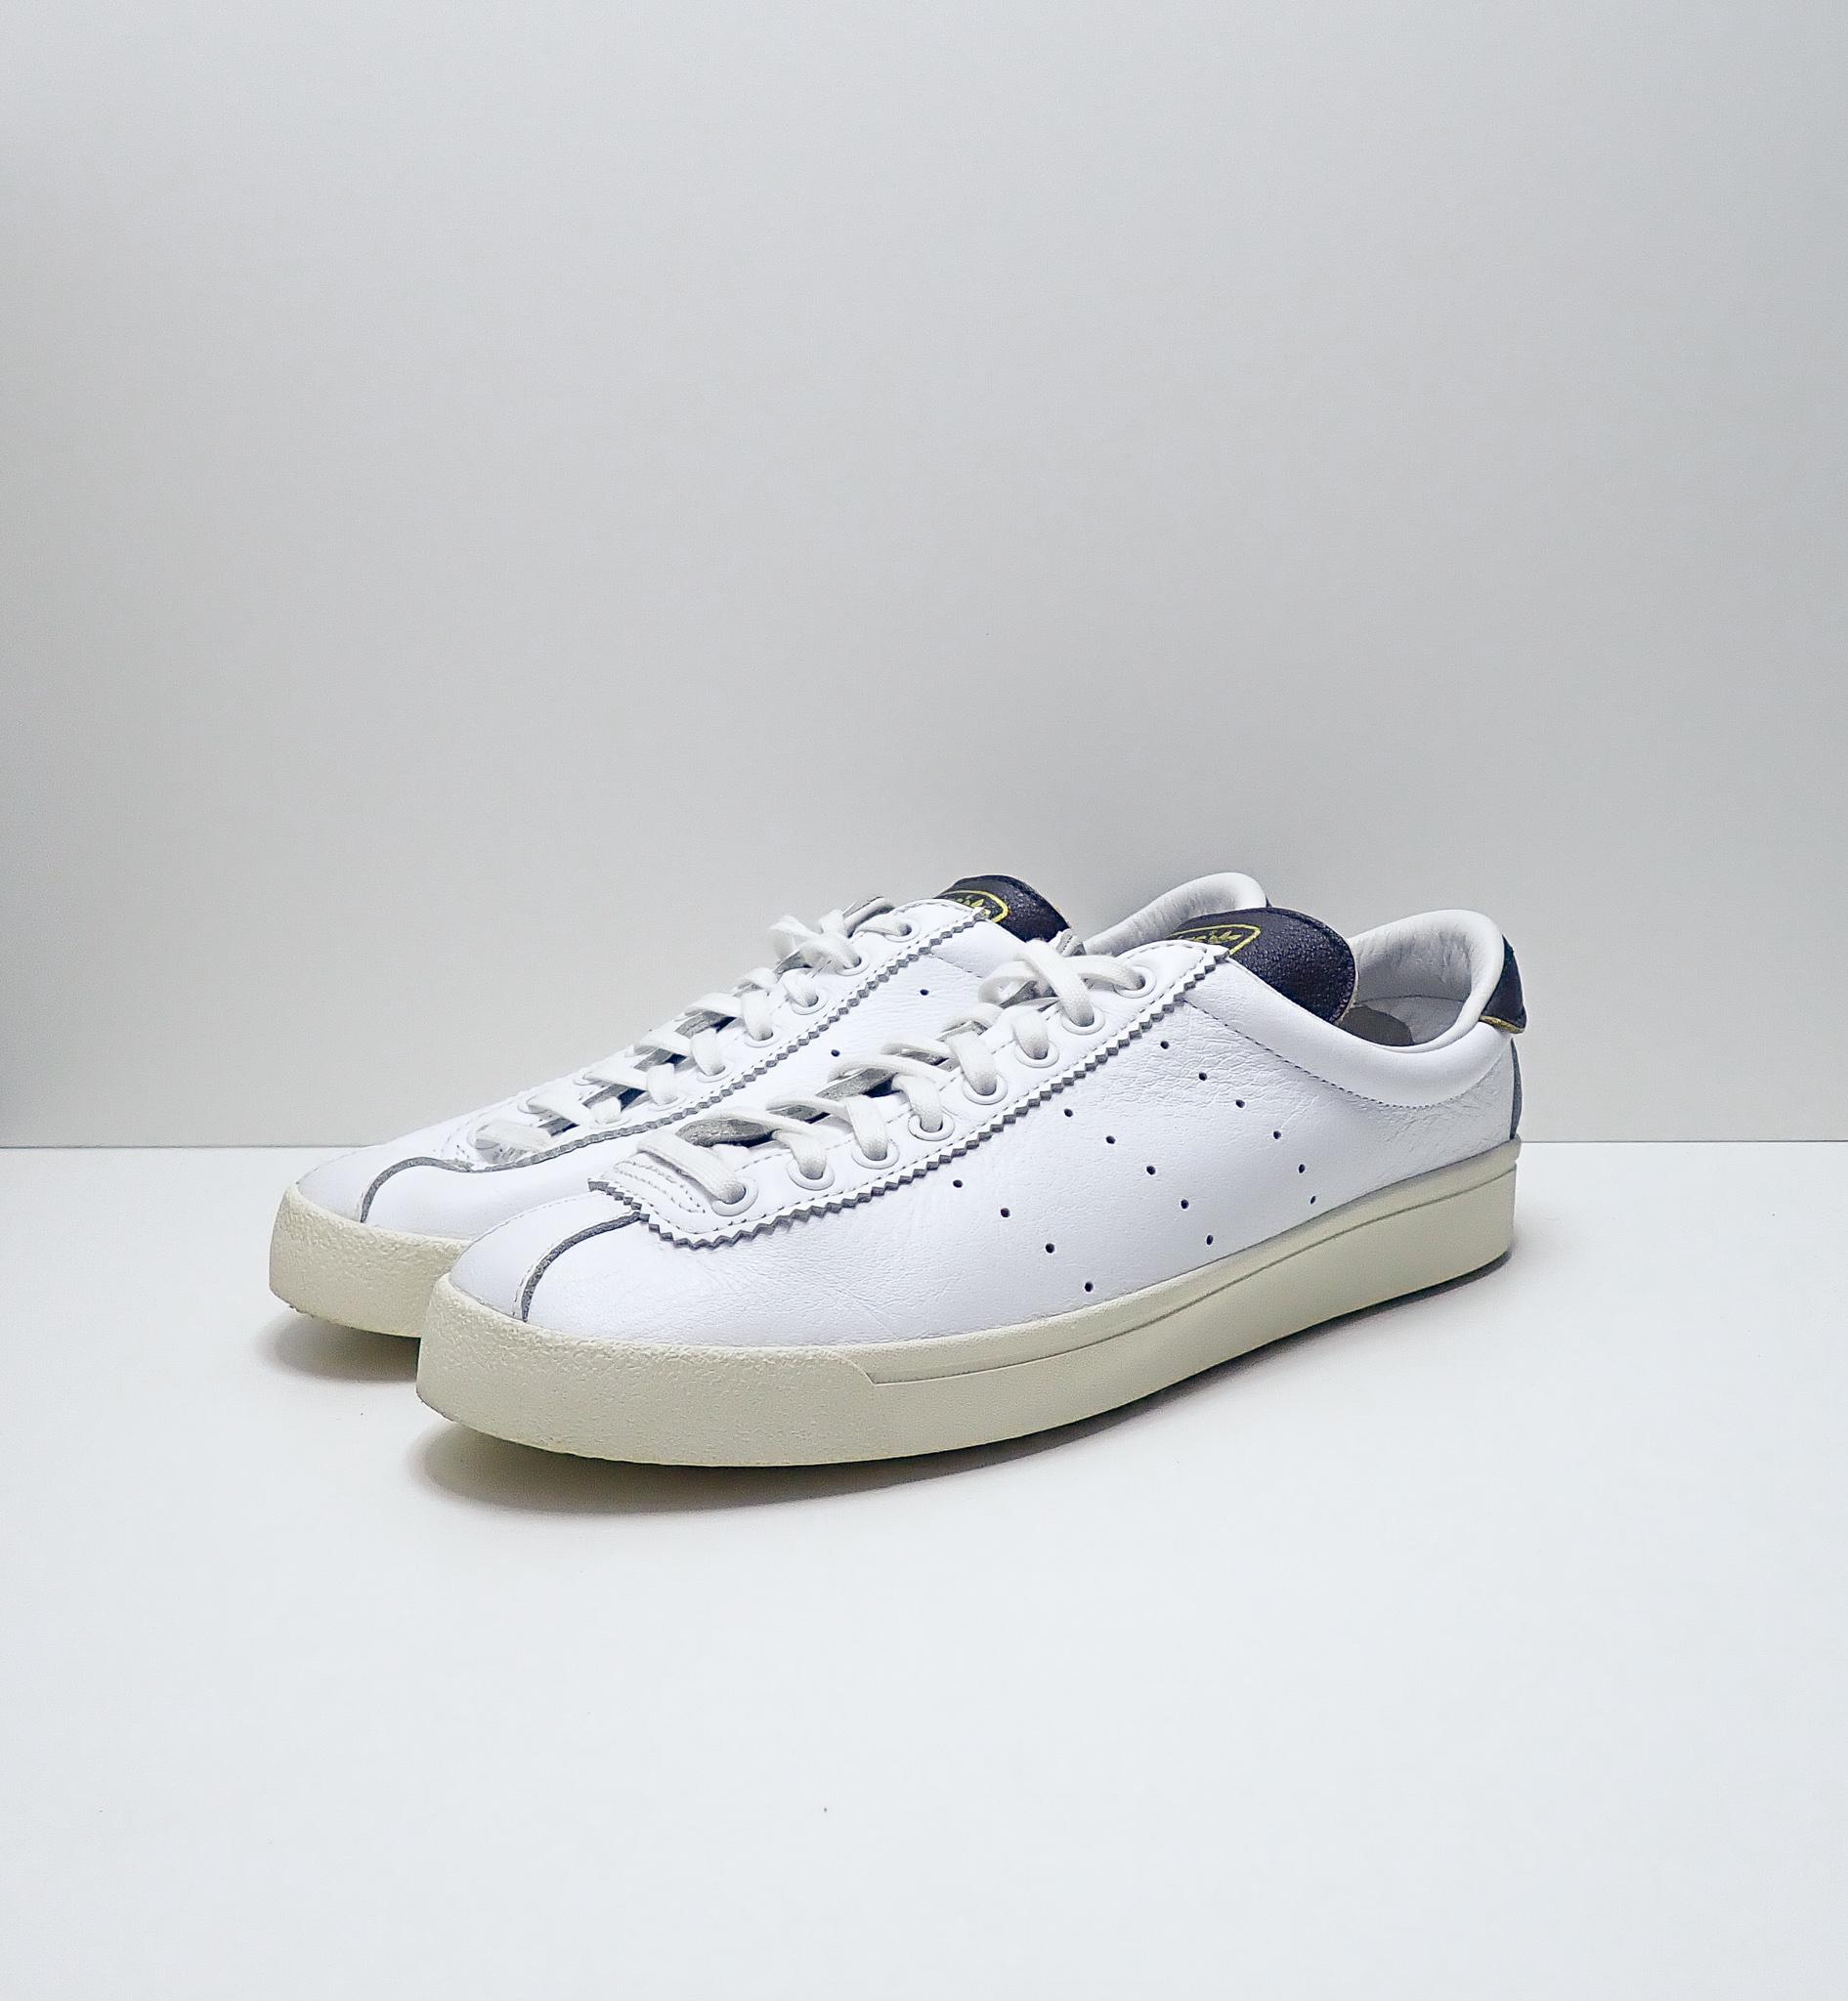 Adidas lacombe white